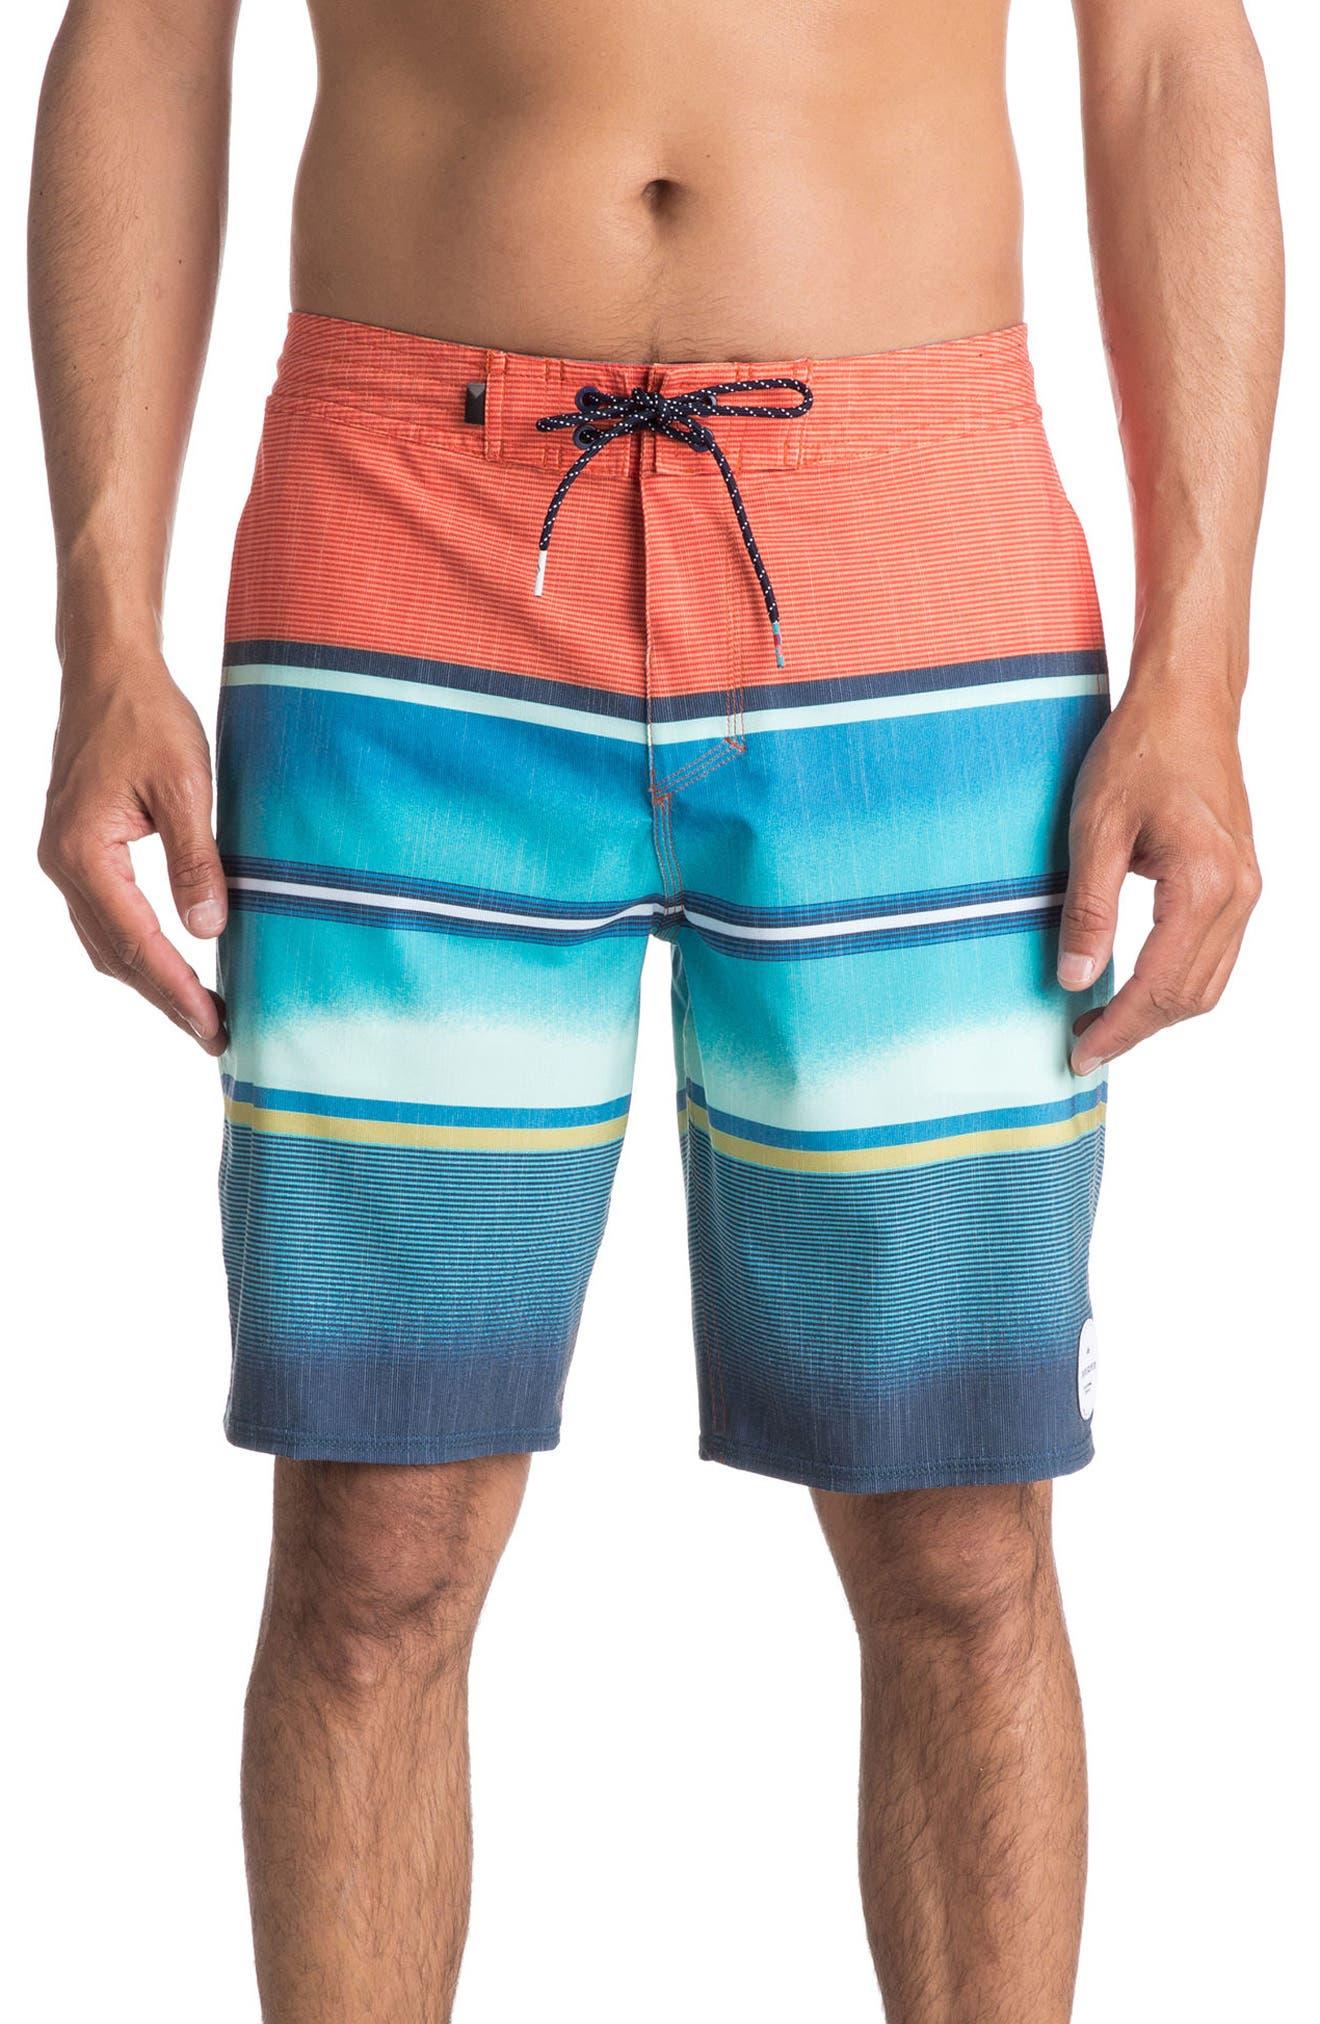 Swell Vision Board Shorts,                             Main thumbnail 1, color,                             650